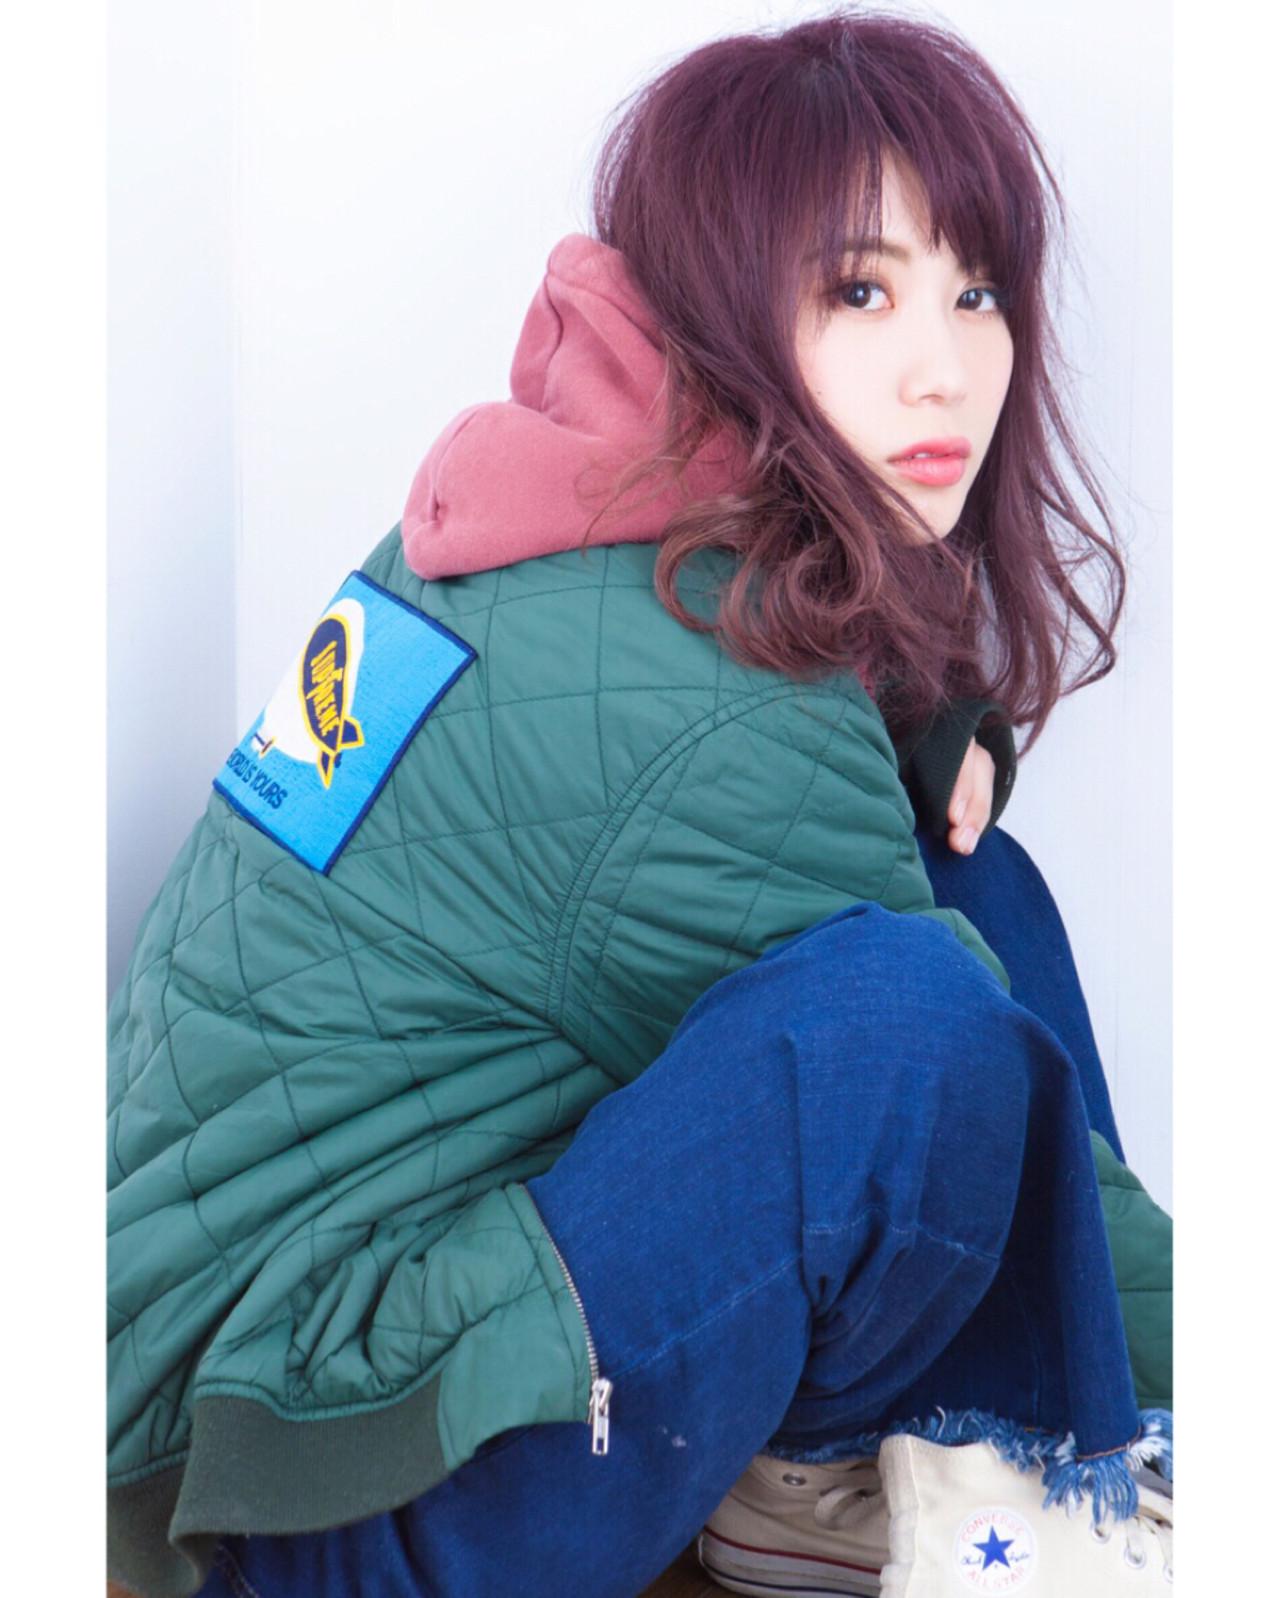 女性らしさが際立つマニッシュミディアム 長井 浩気